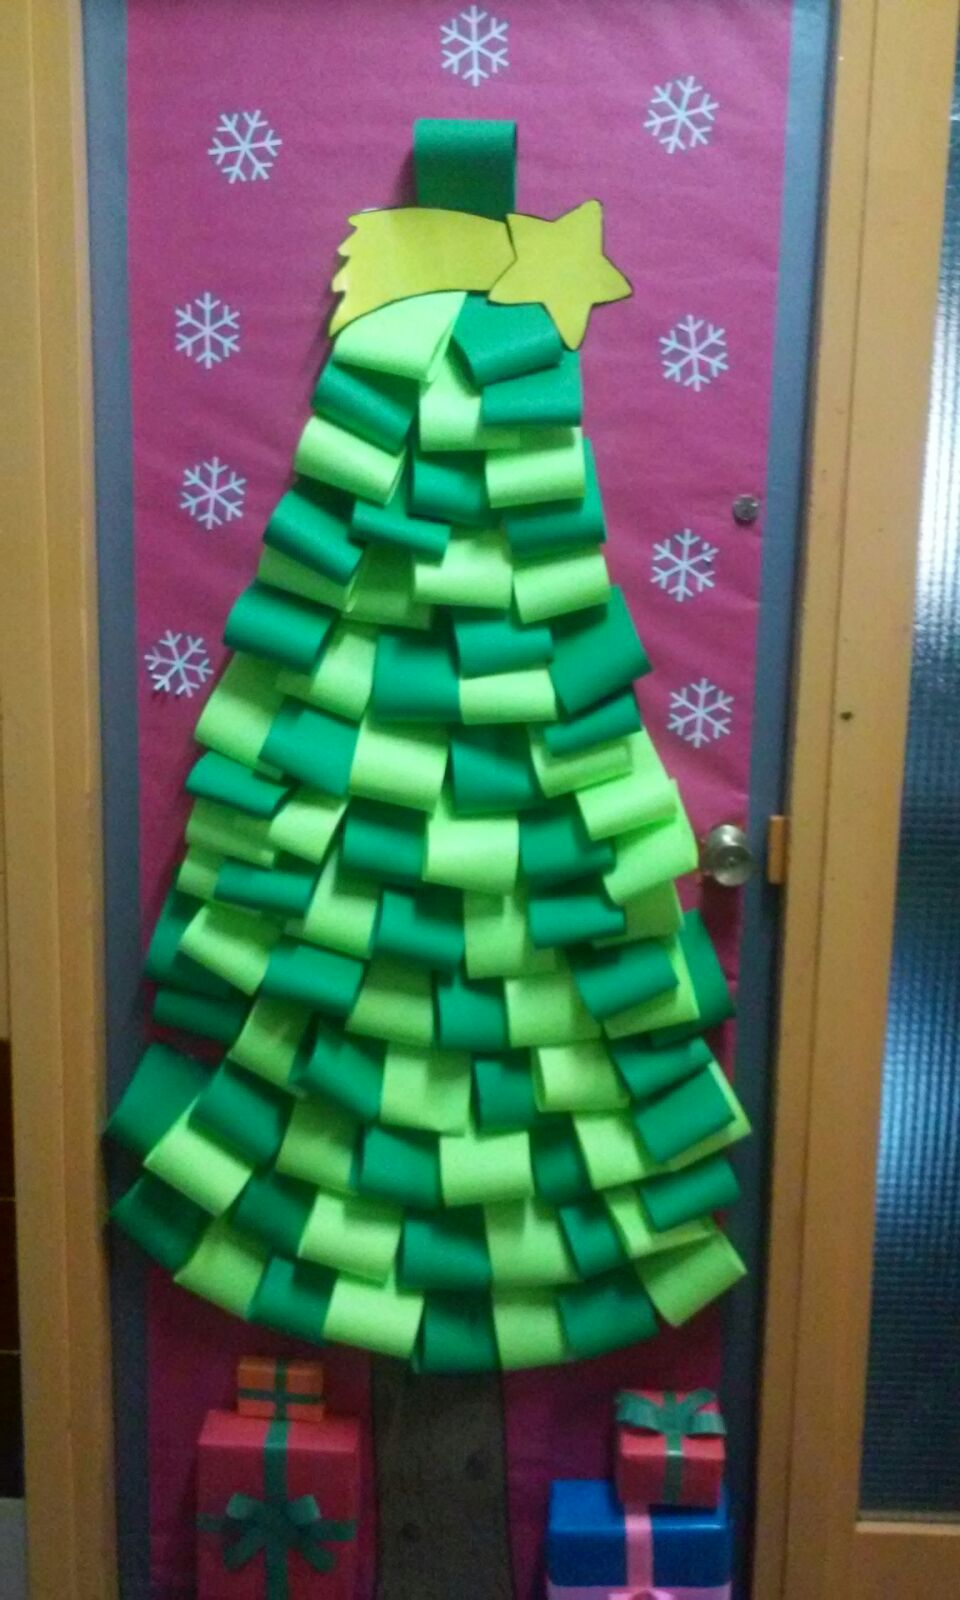 Comunidad de aprendizaje la paz de albacete for Puertas decoradas navidad material reciclable